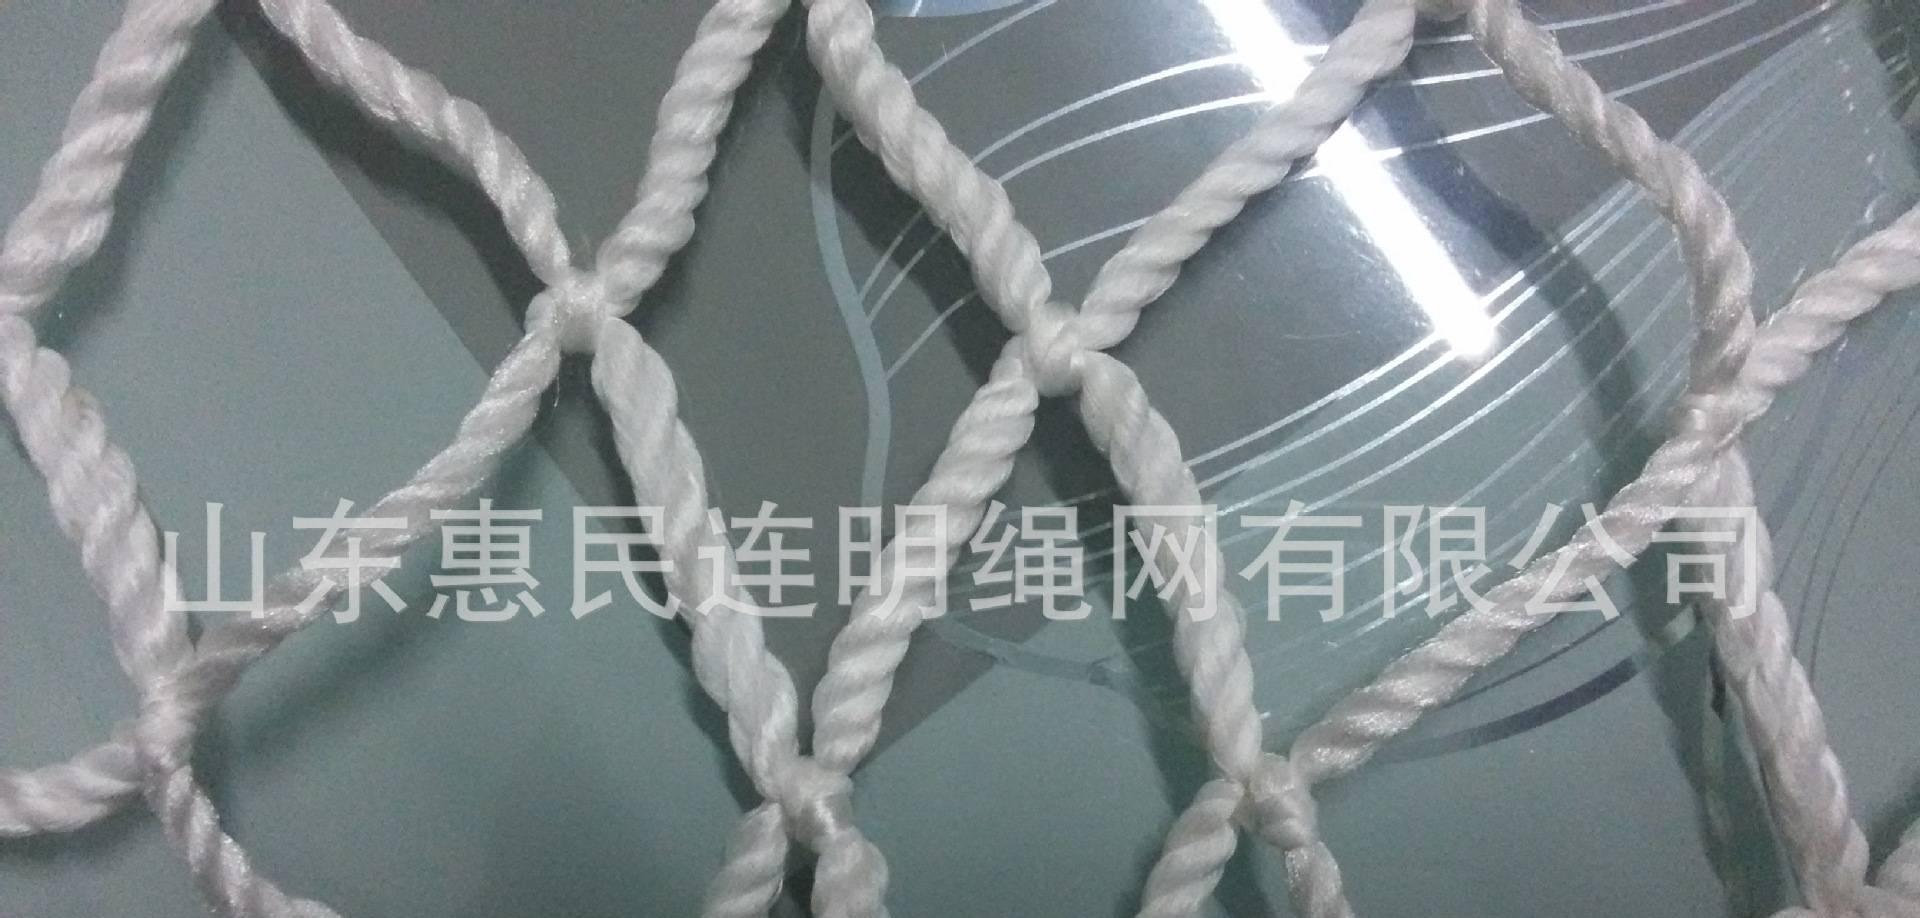 白色尼龙安全绳网 防坠网 厂家批发建筑安全防护网量大从优